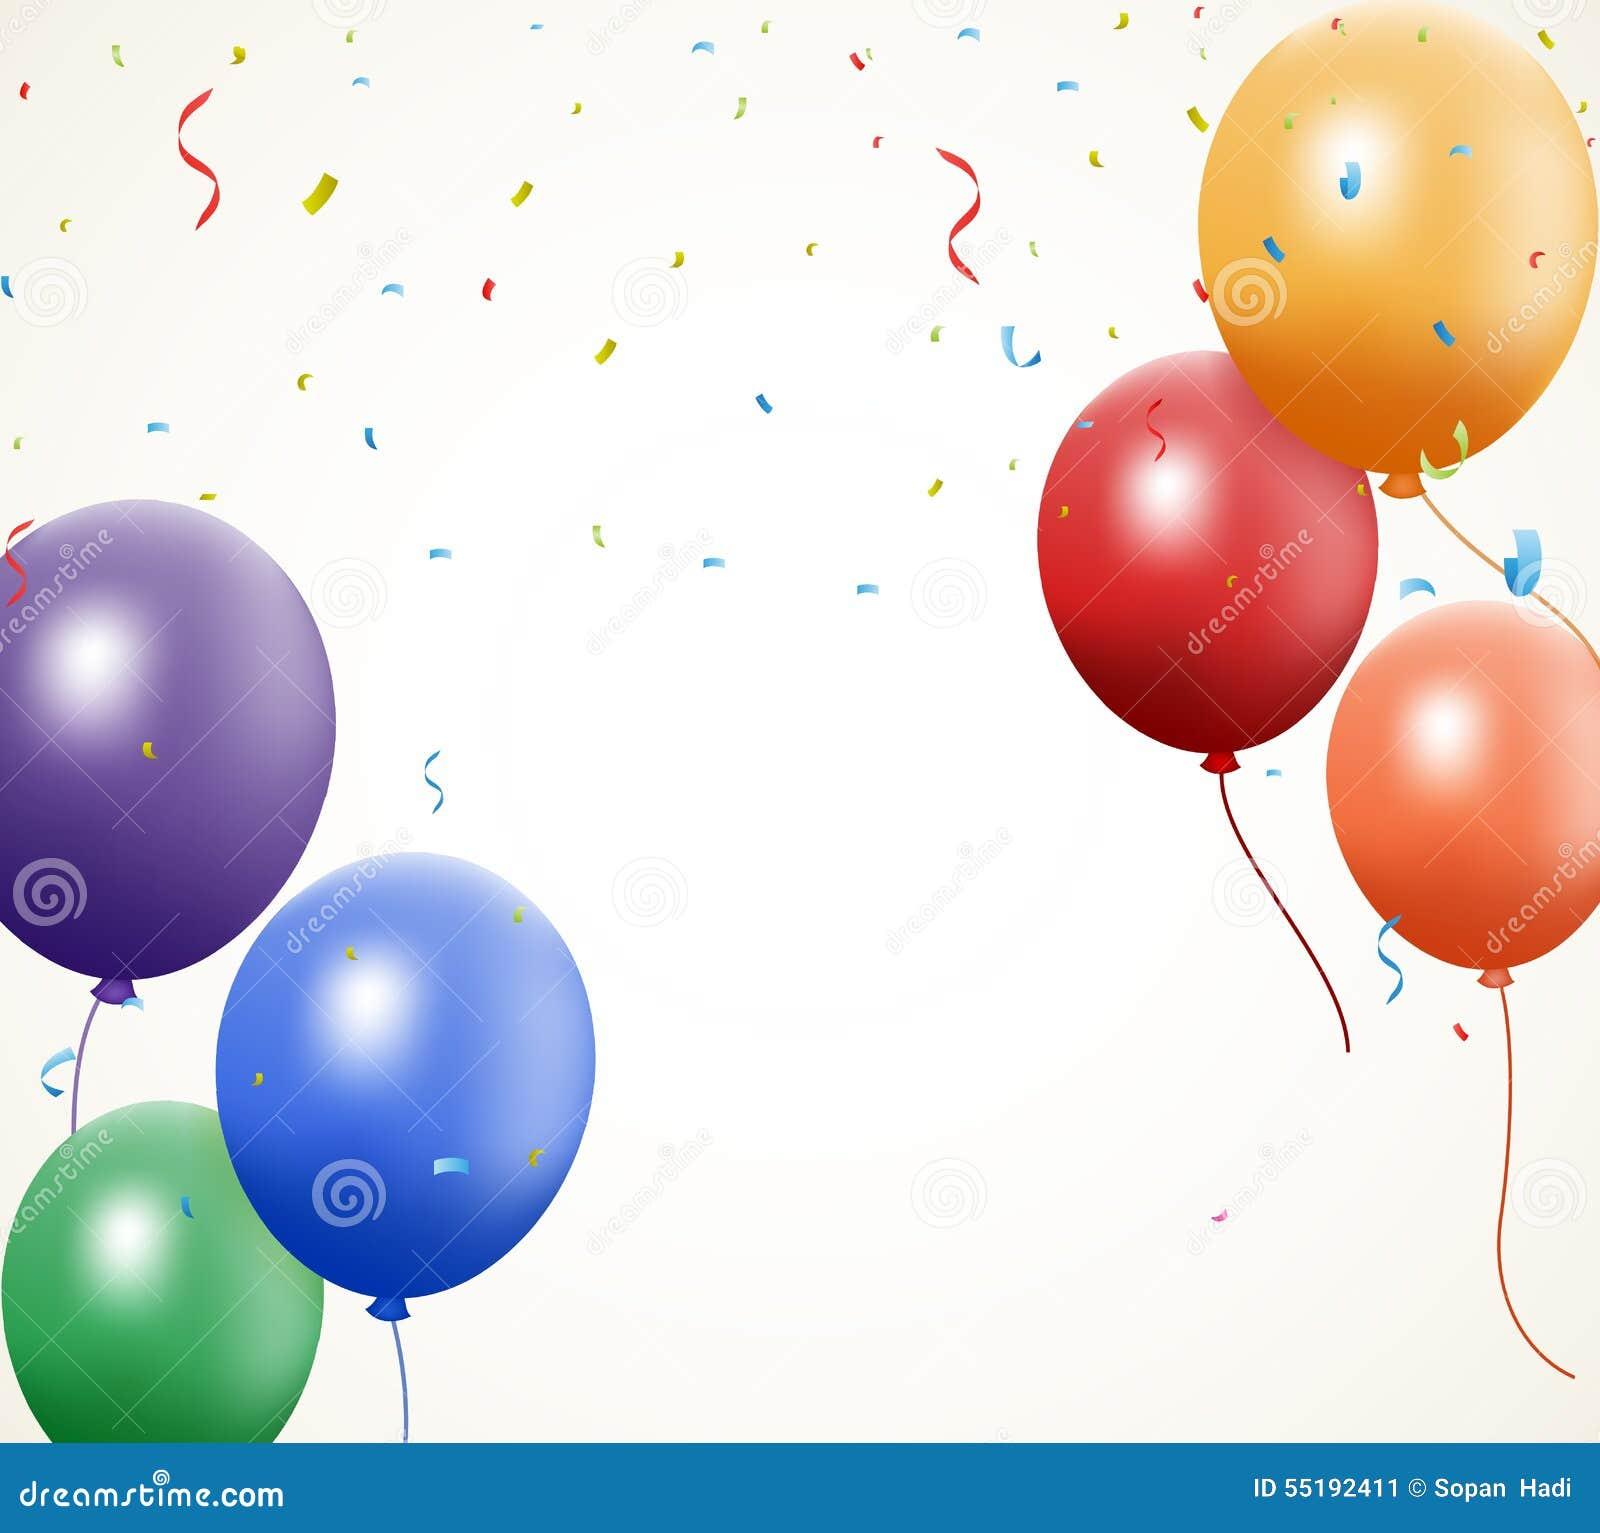 Geburtstagsballon Mit Konfettis Vektor Abbildung Illustration Von